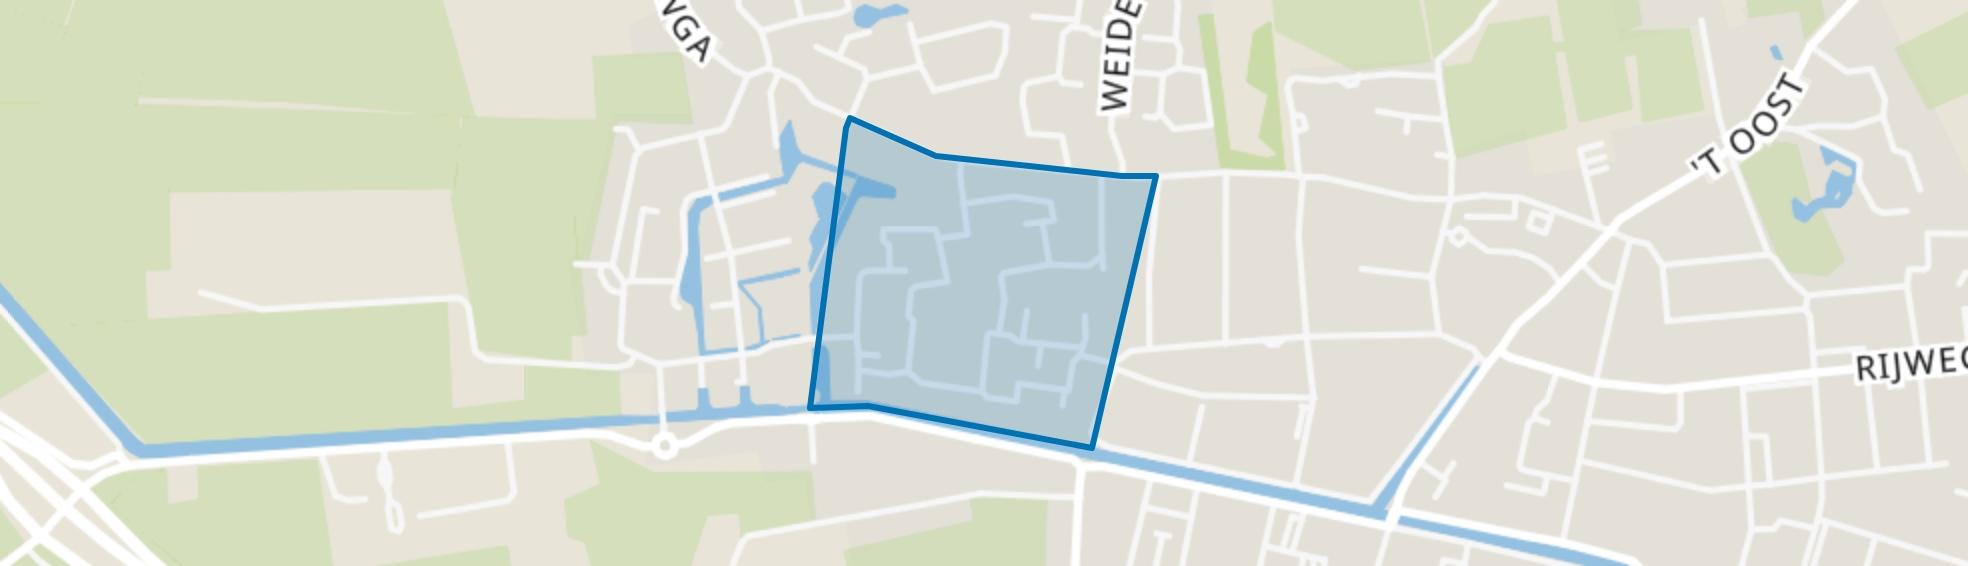 Oosterwolde-Prandinga, Oosterwolde (FR) map